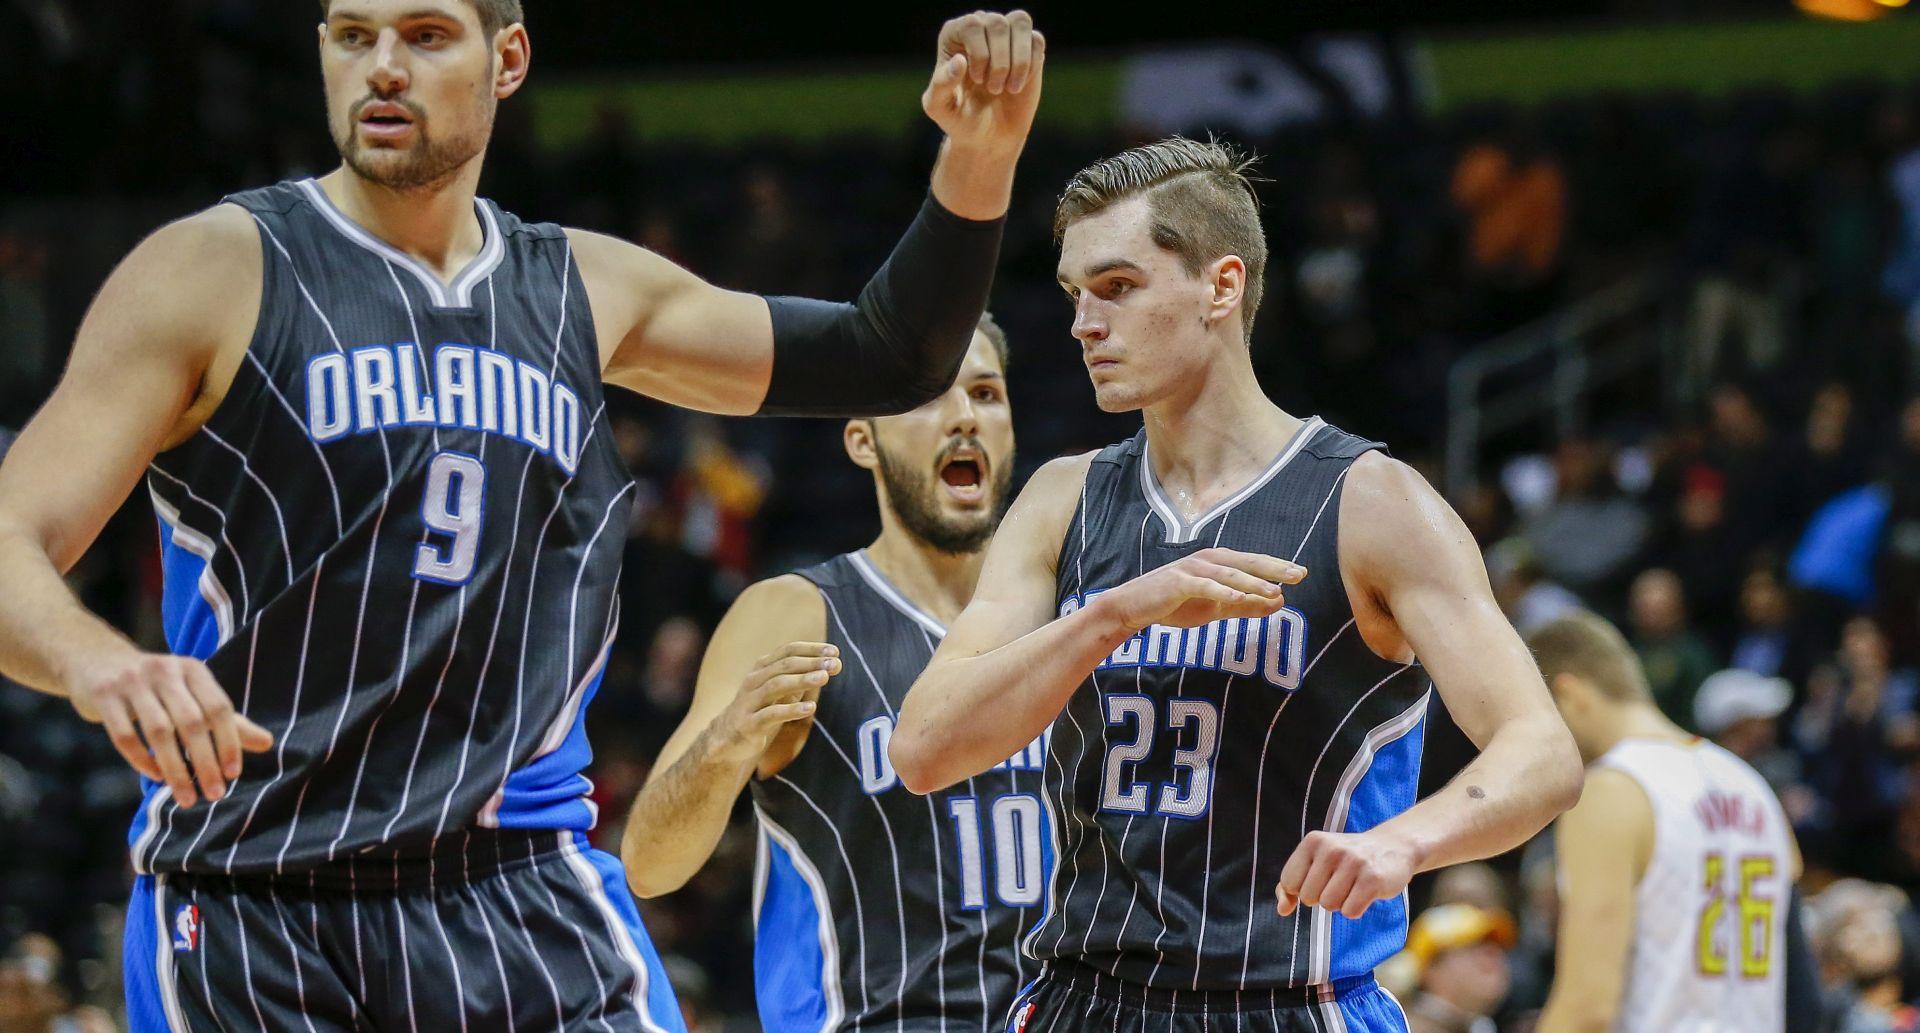 NBA Hezonja odveo Magic do pobjede, Bogdanović najučinkovitiji u porazu Brooklyna